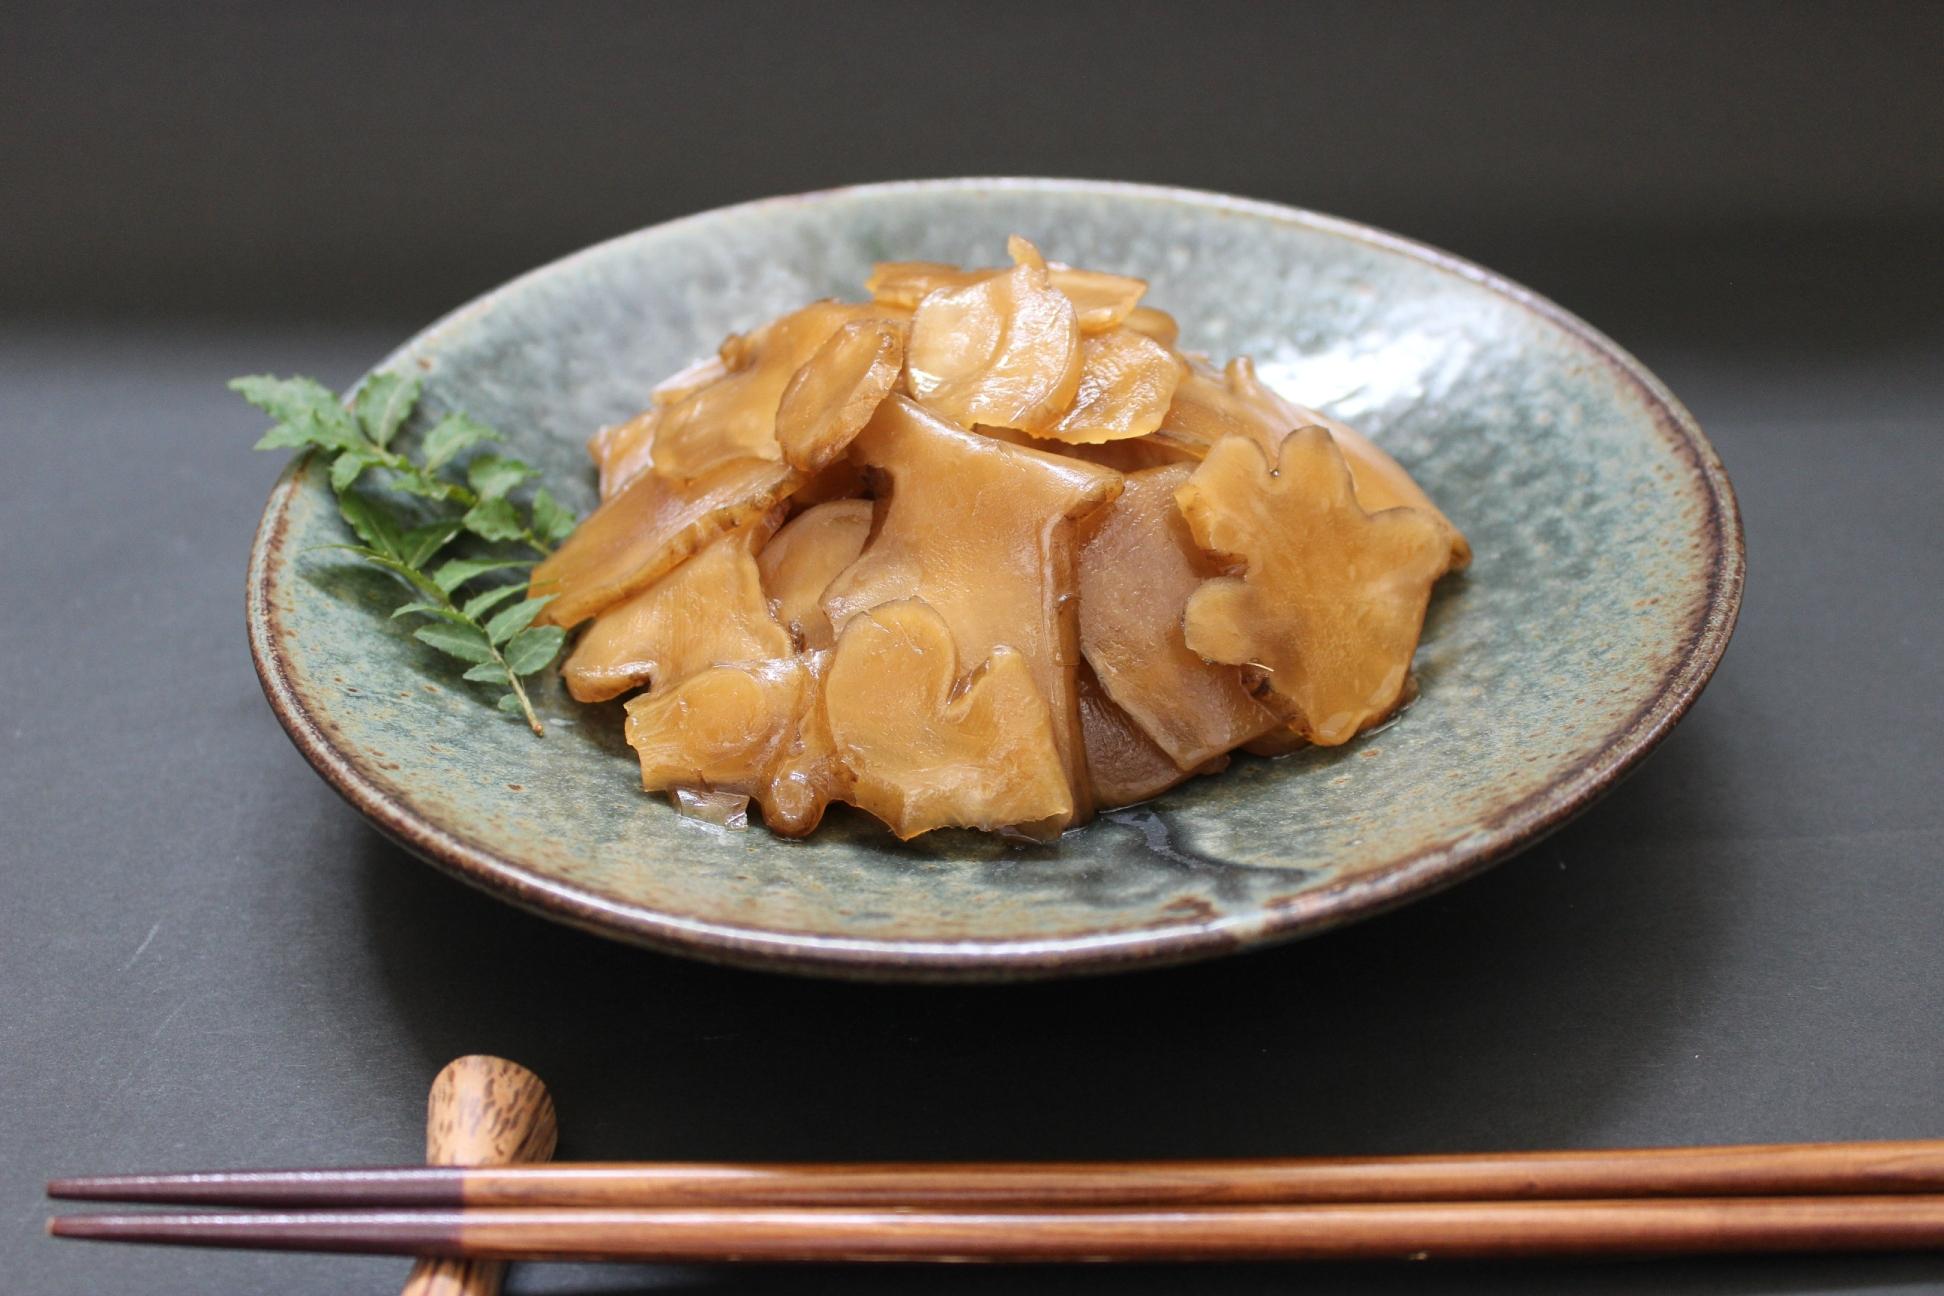 宮城県産の菊芋をごま油が効いたきんぴら風味に仕上げました。